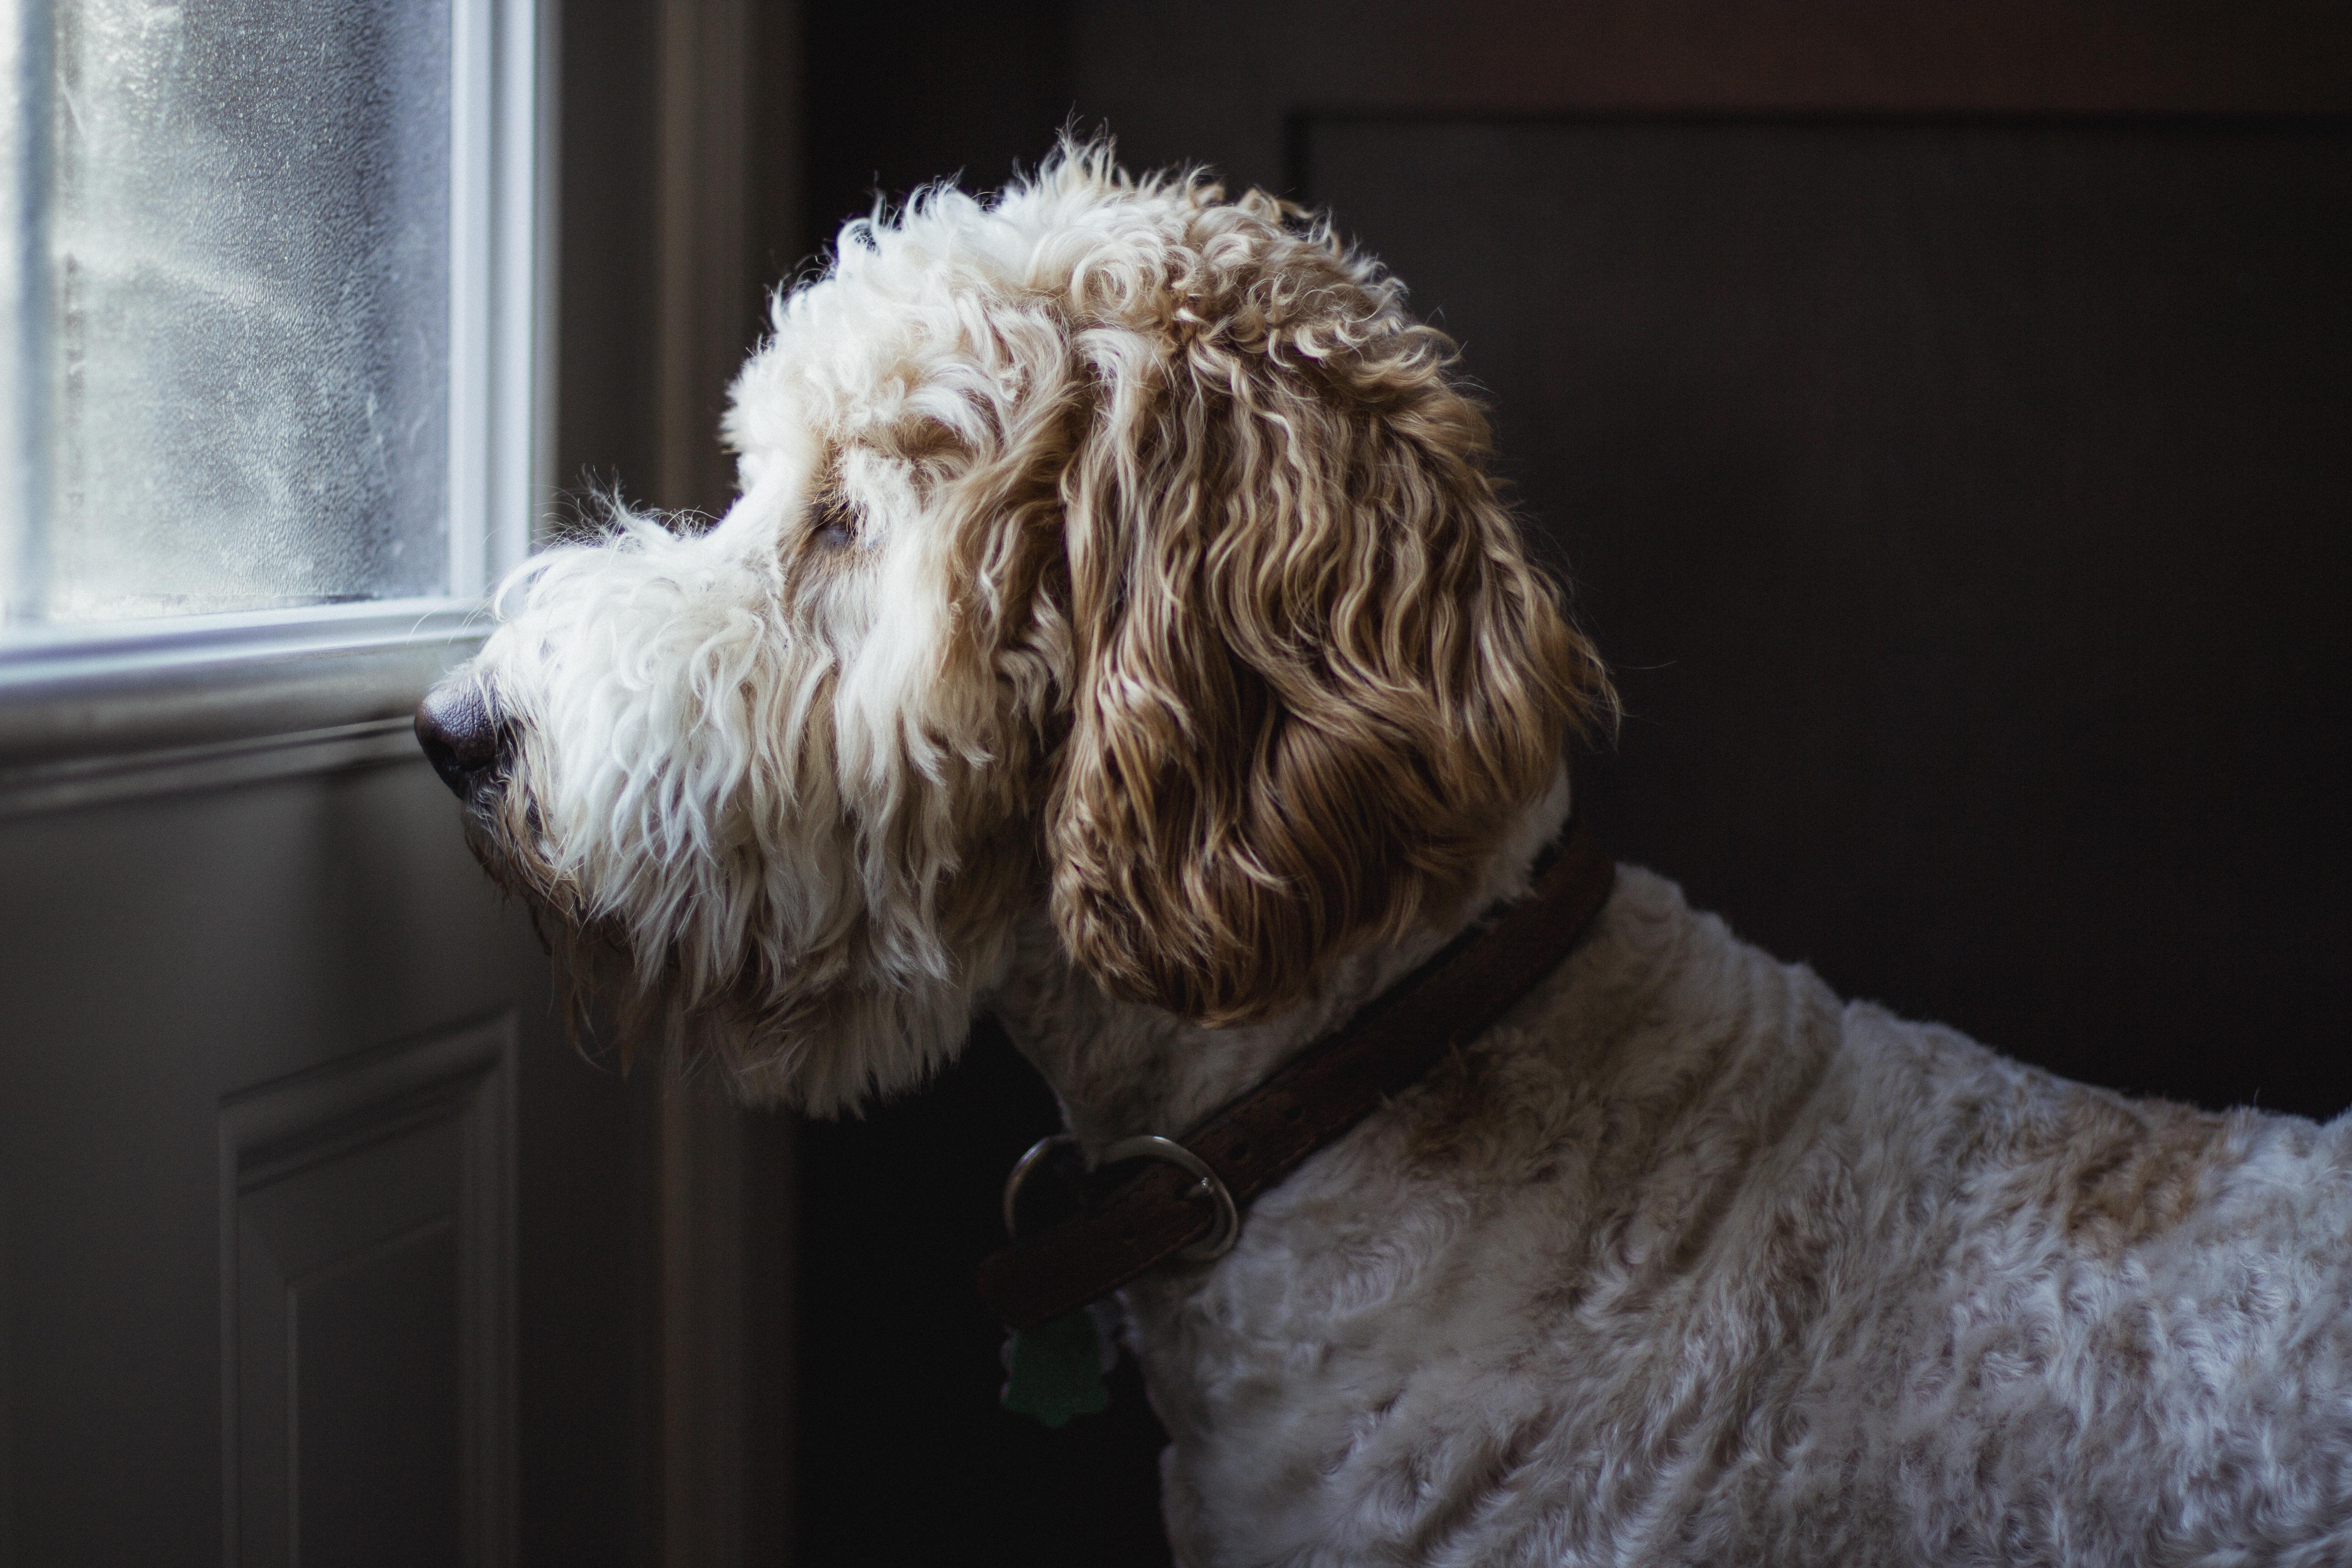 <p><strong>Iktsuarpok</strong> (инуитски)</p>  <p>Чувството, когато нетърпеливо очакваме гост &ndash; гледаме през прозореца, проверяваме си телефона, чакаме до вратата.</p>